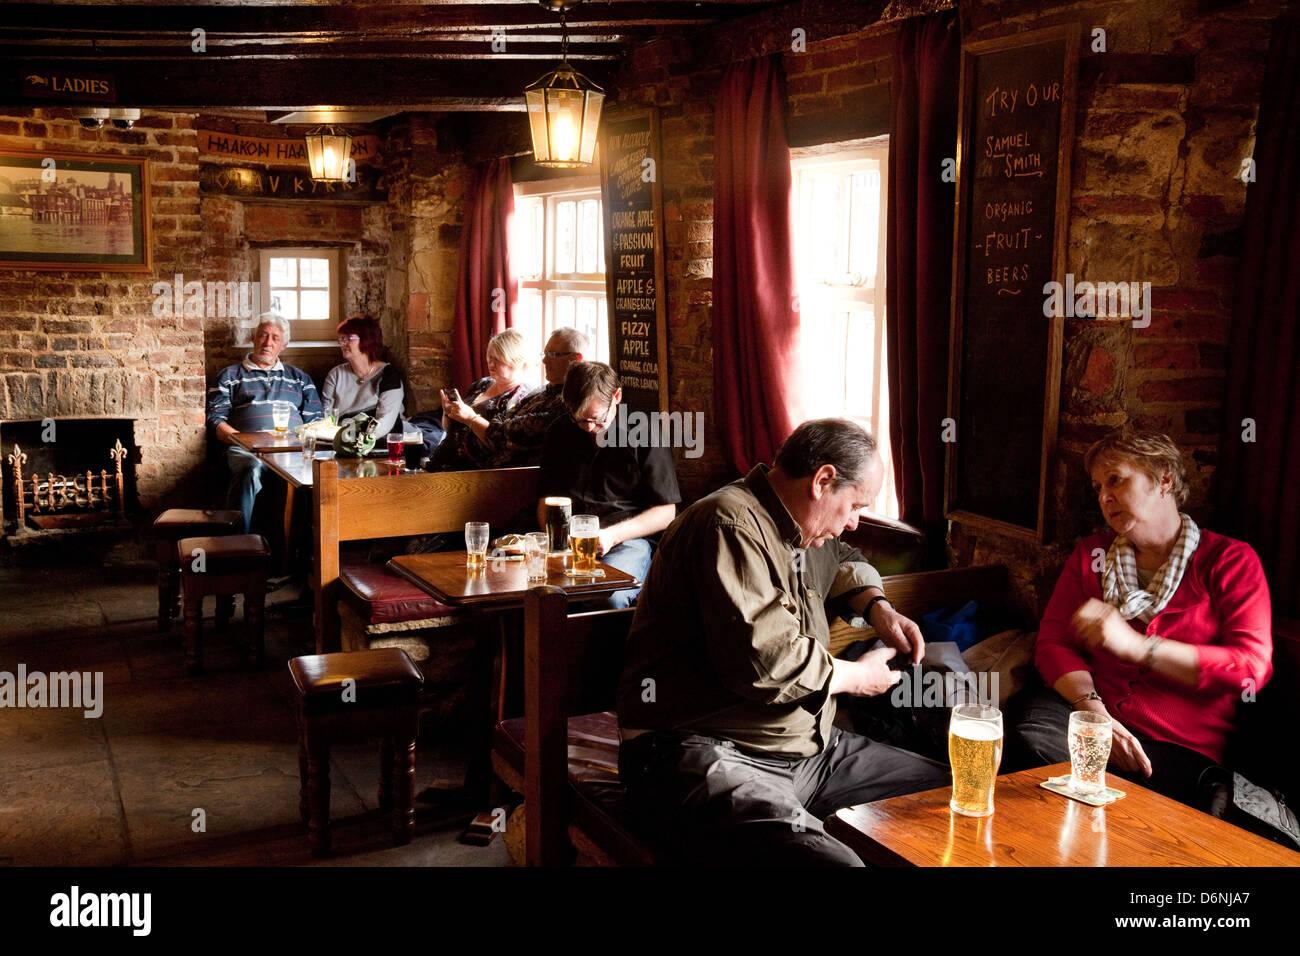 Les gens assis à l'intérieur de boire le Kings Arms Pub, York, Yorkshire, UK Photo Stock